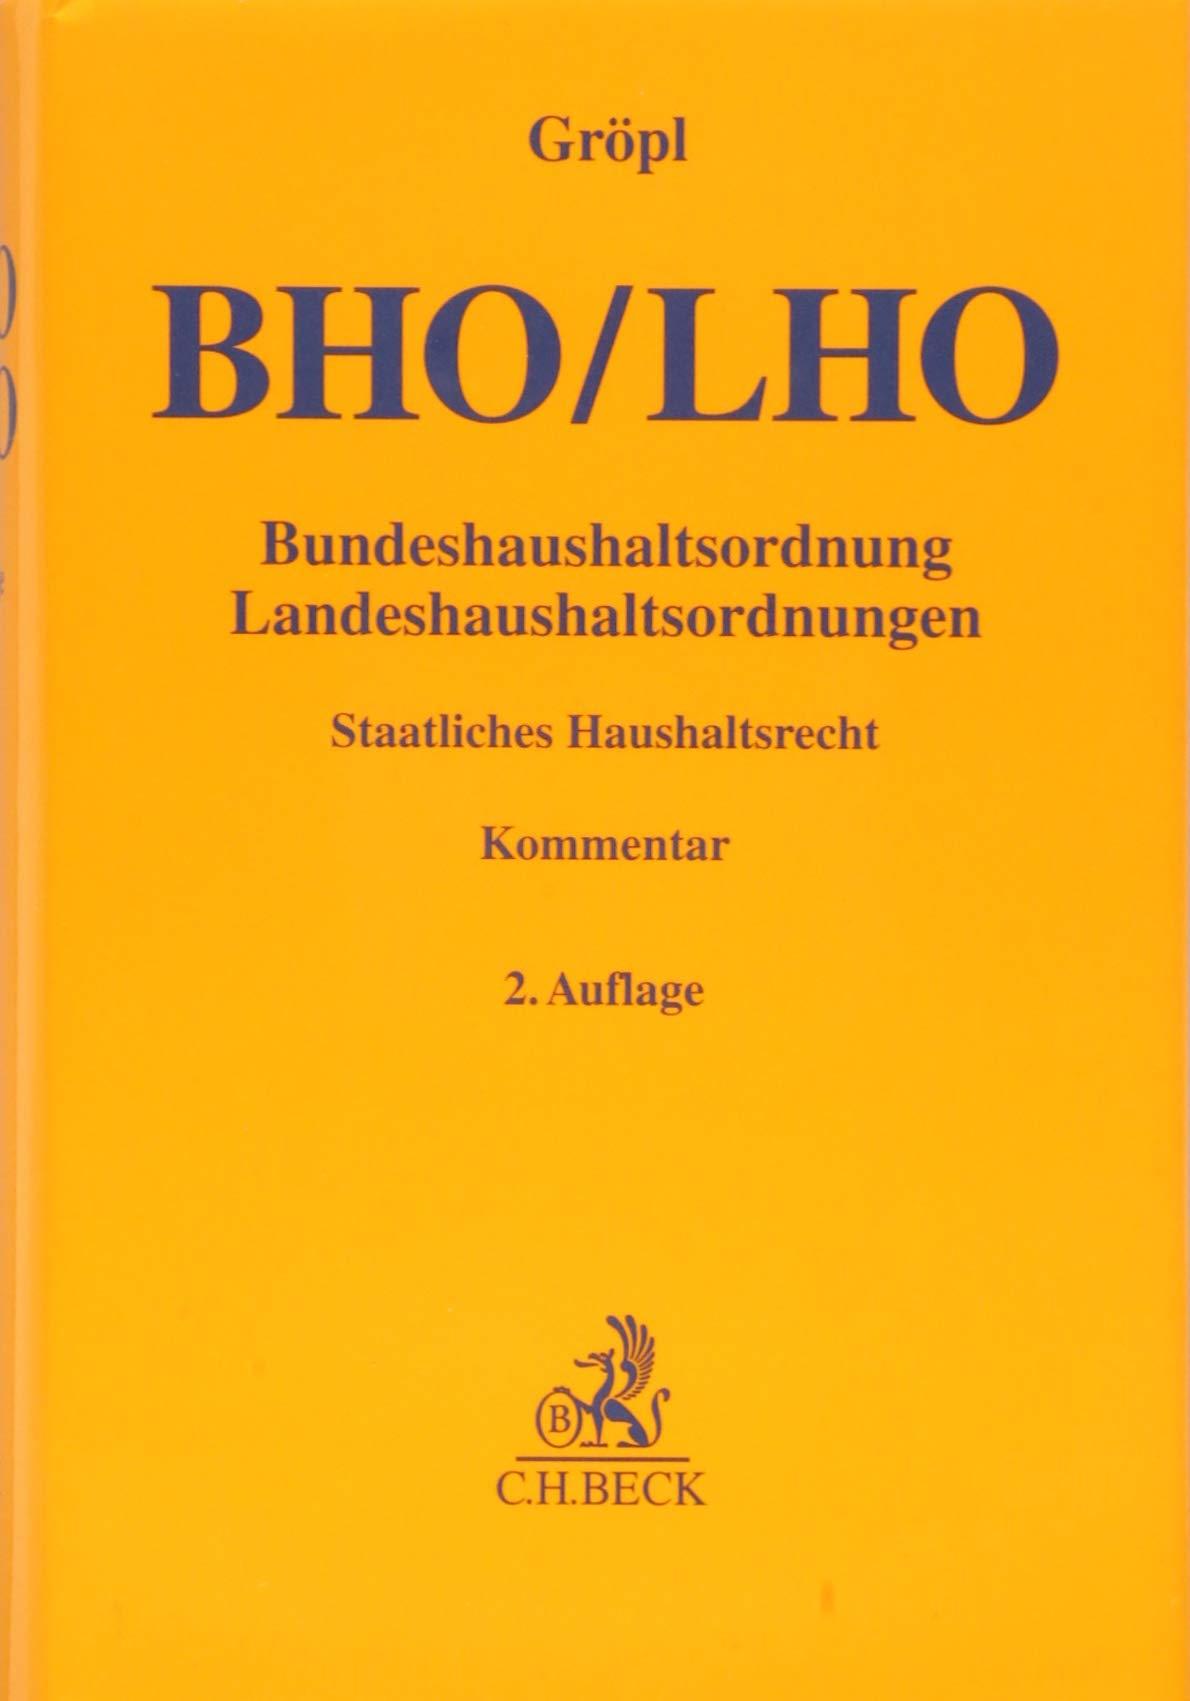 Bundeshaushaltsordnung   Landeshaushaltsordnungen  Staatliches Haushaltsrecht